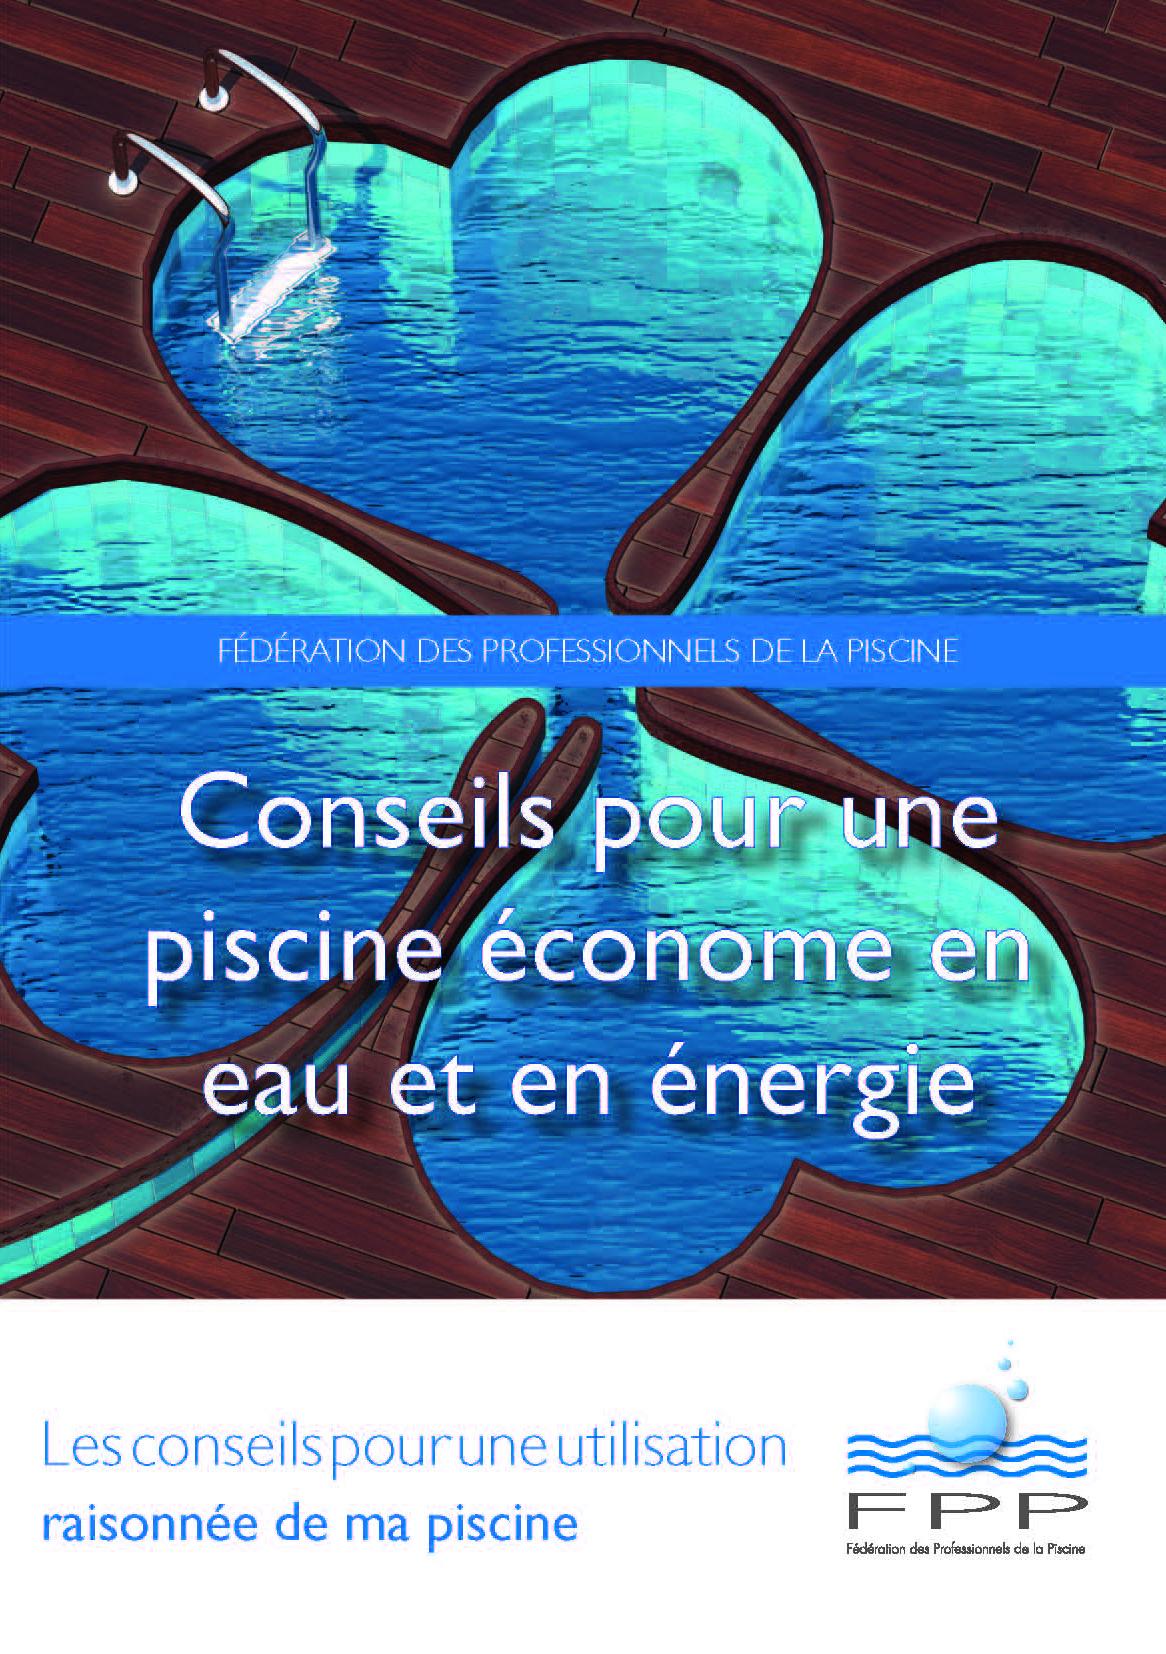 Piscines basse consommation: les professionnels engagés dans une révolution durable